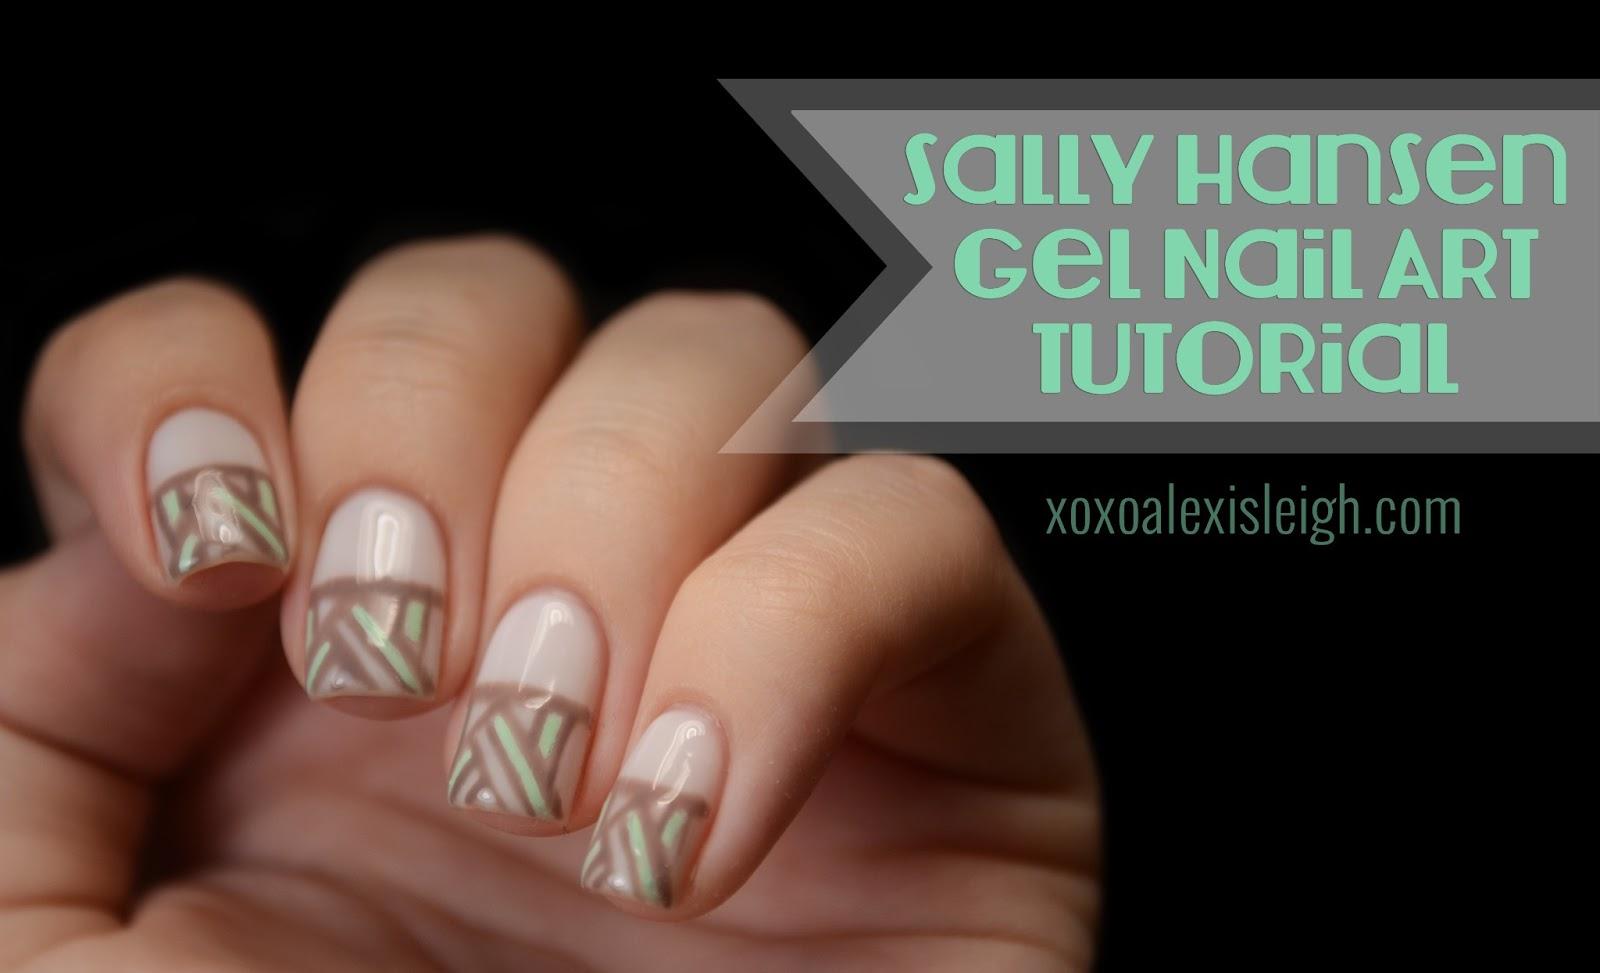 XOXO Alexis Leigh: Sally Hansen Gel Nail Art Tutorial